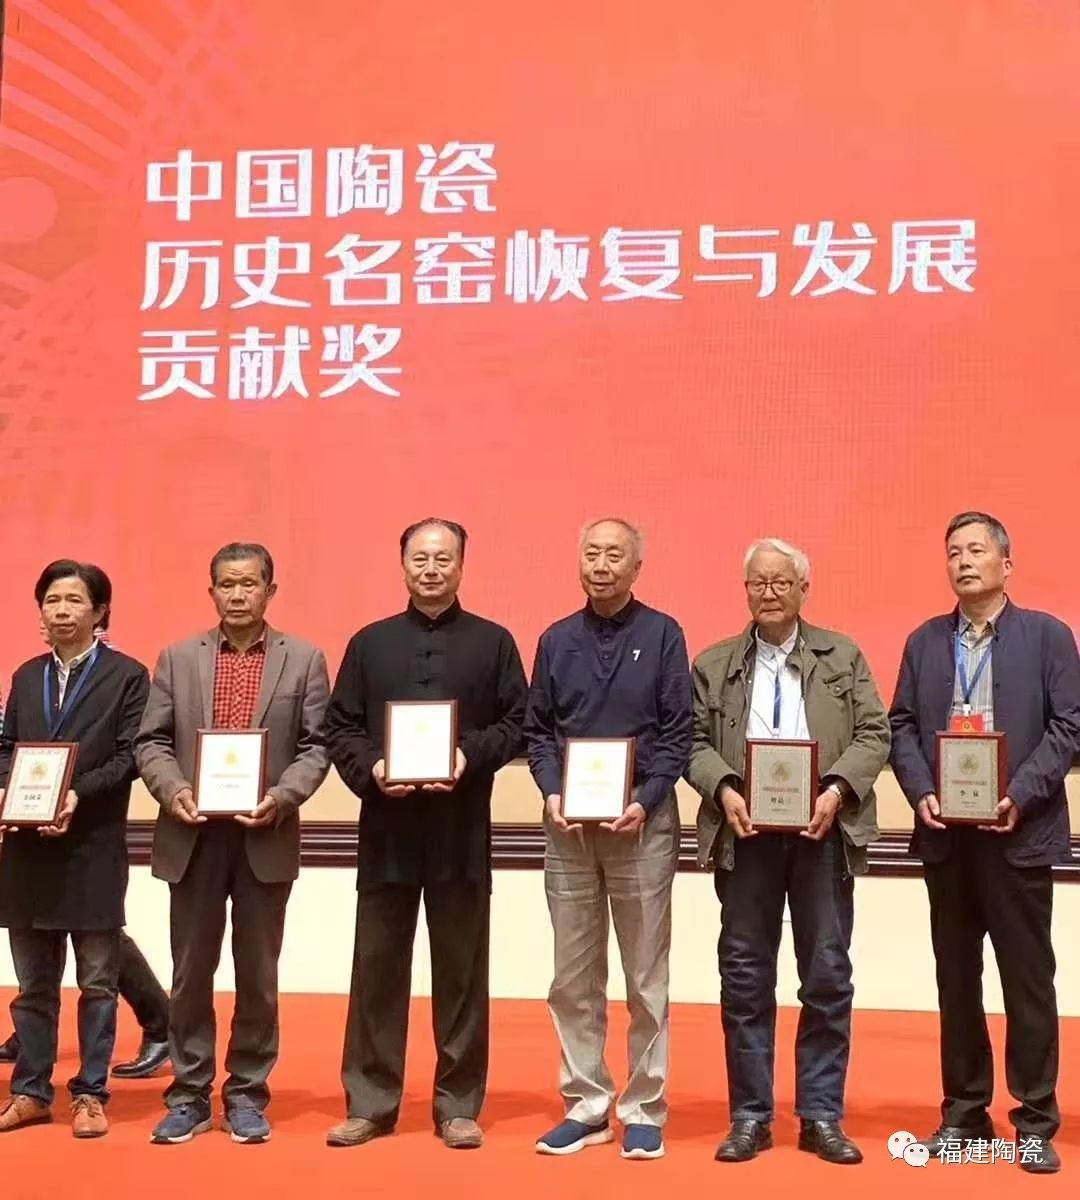 祝贺:我省六位陶艺大师荣获中国陶瓷奖项荣誉